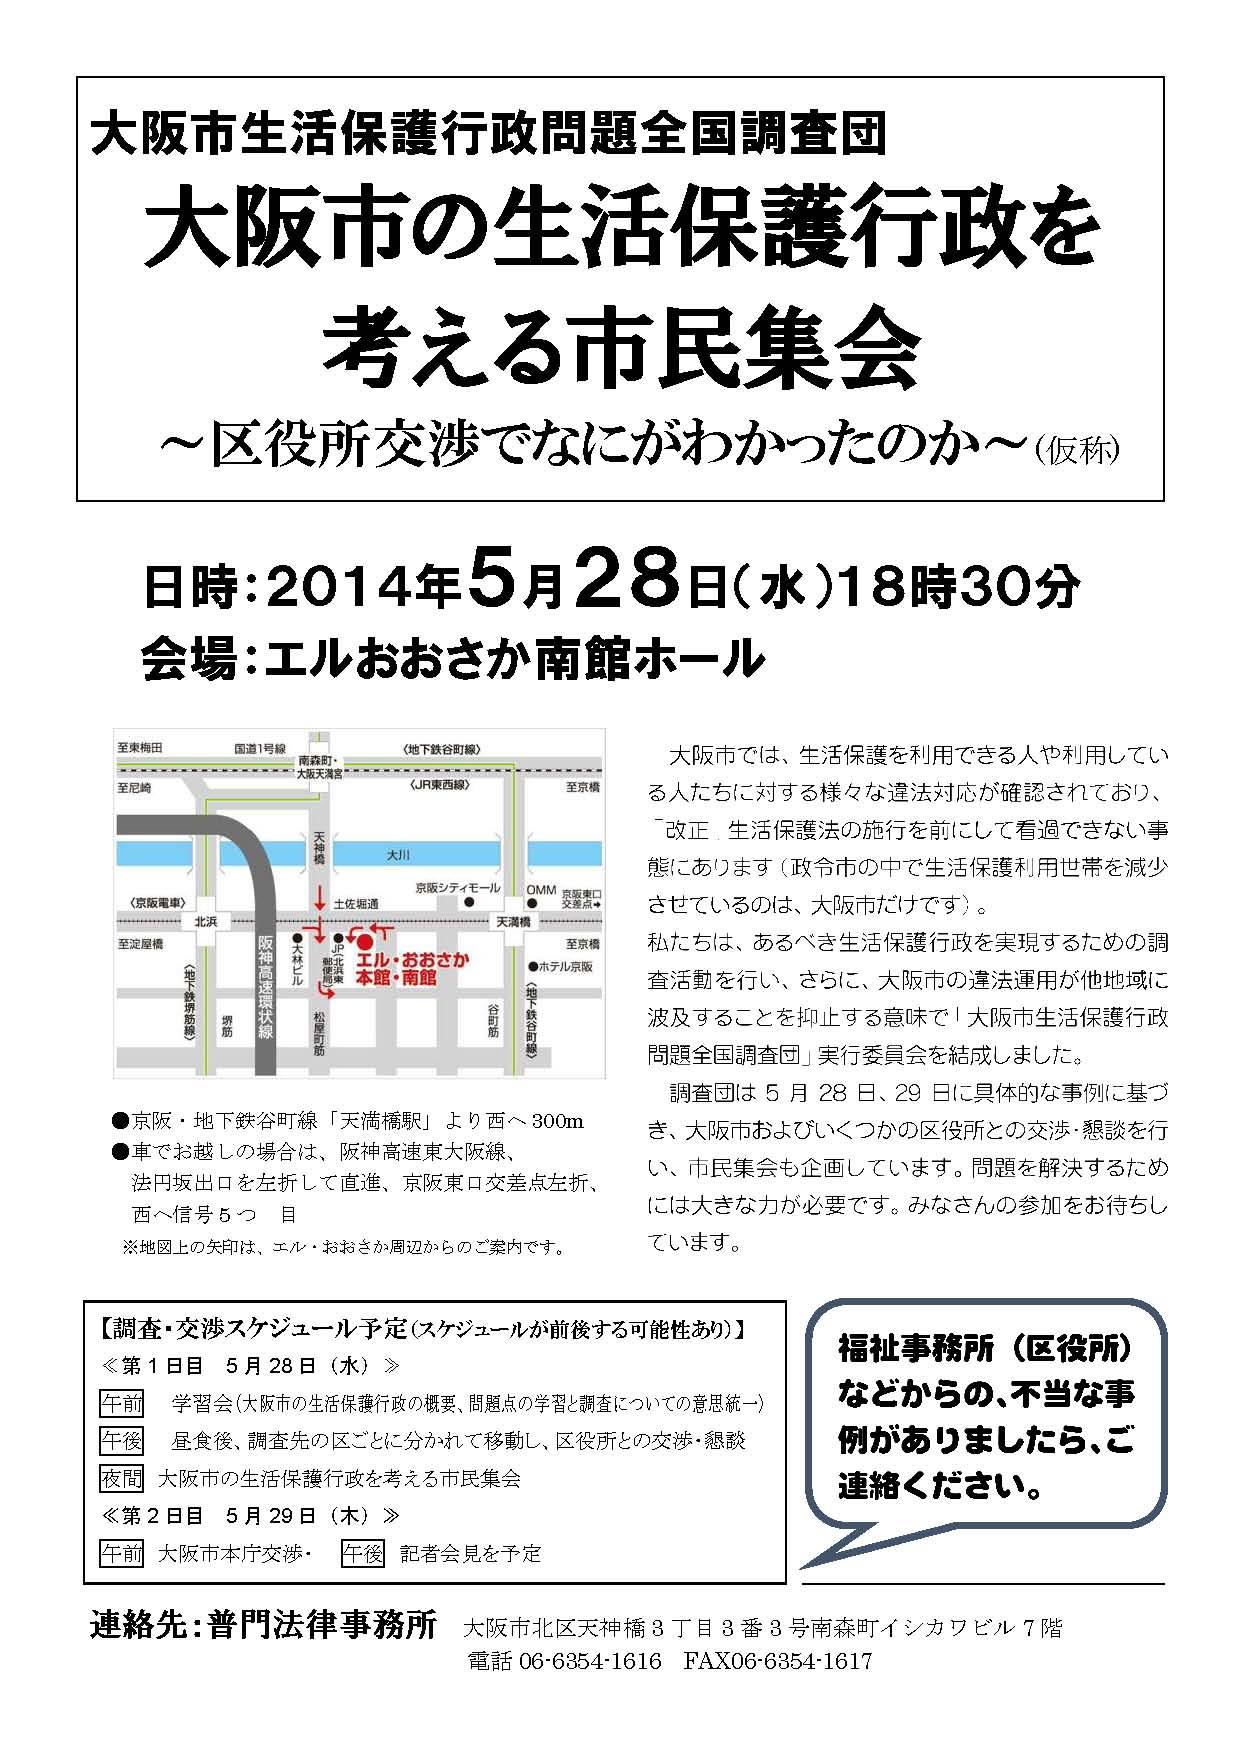 140528市民集会(大阪)